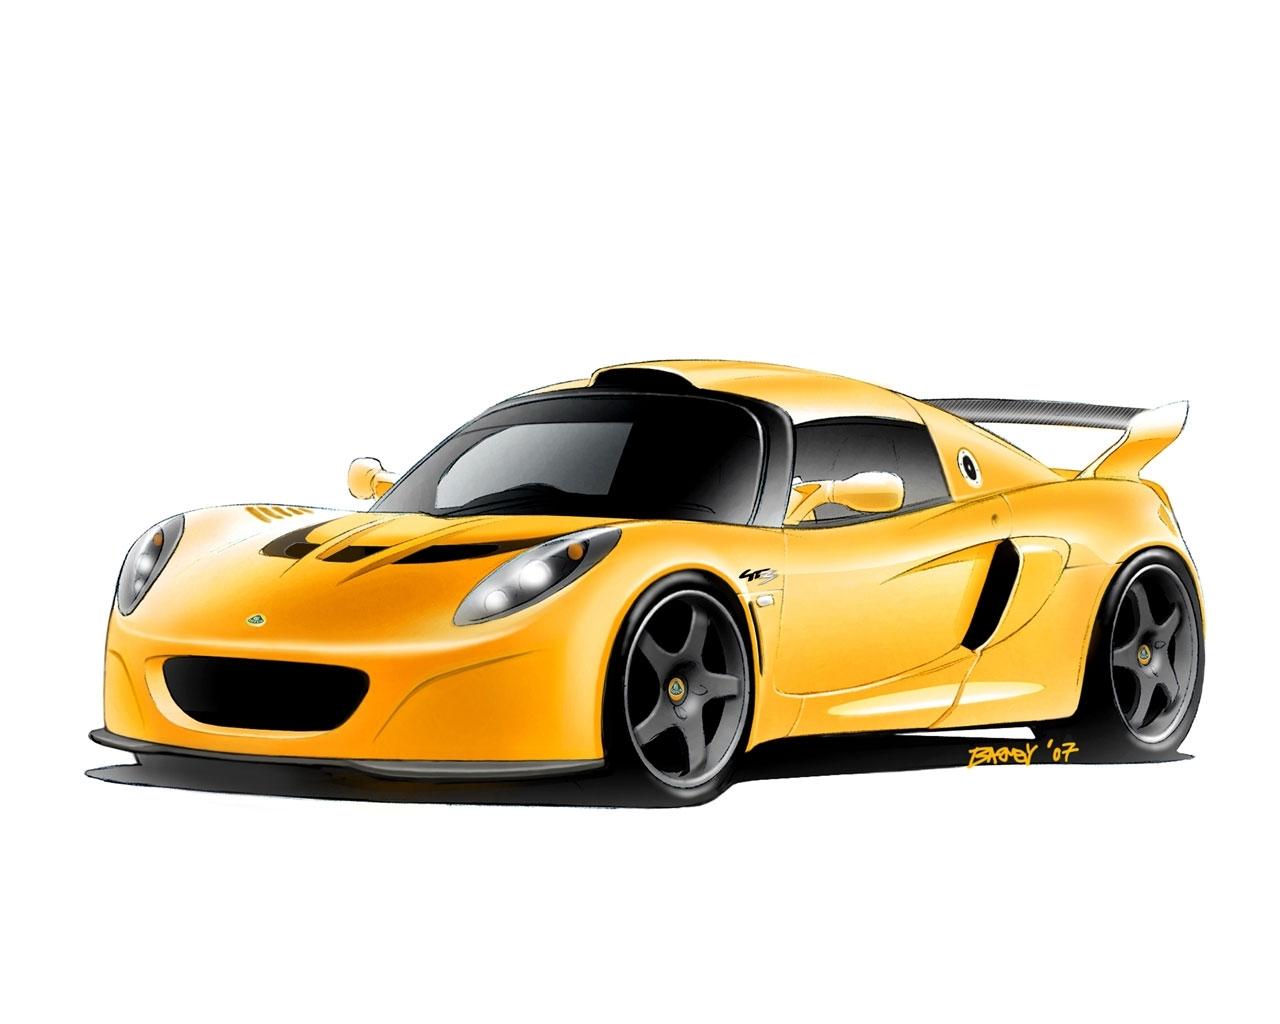 9032 скачать обои Транспорт, Машины, Лотус (Lotus) - заставки и картинки бесплатно